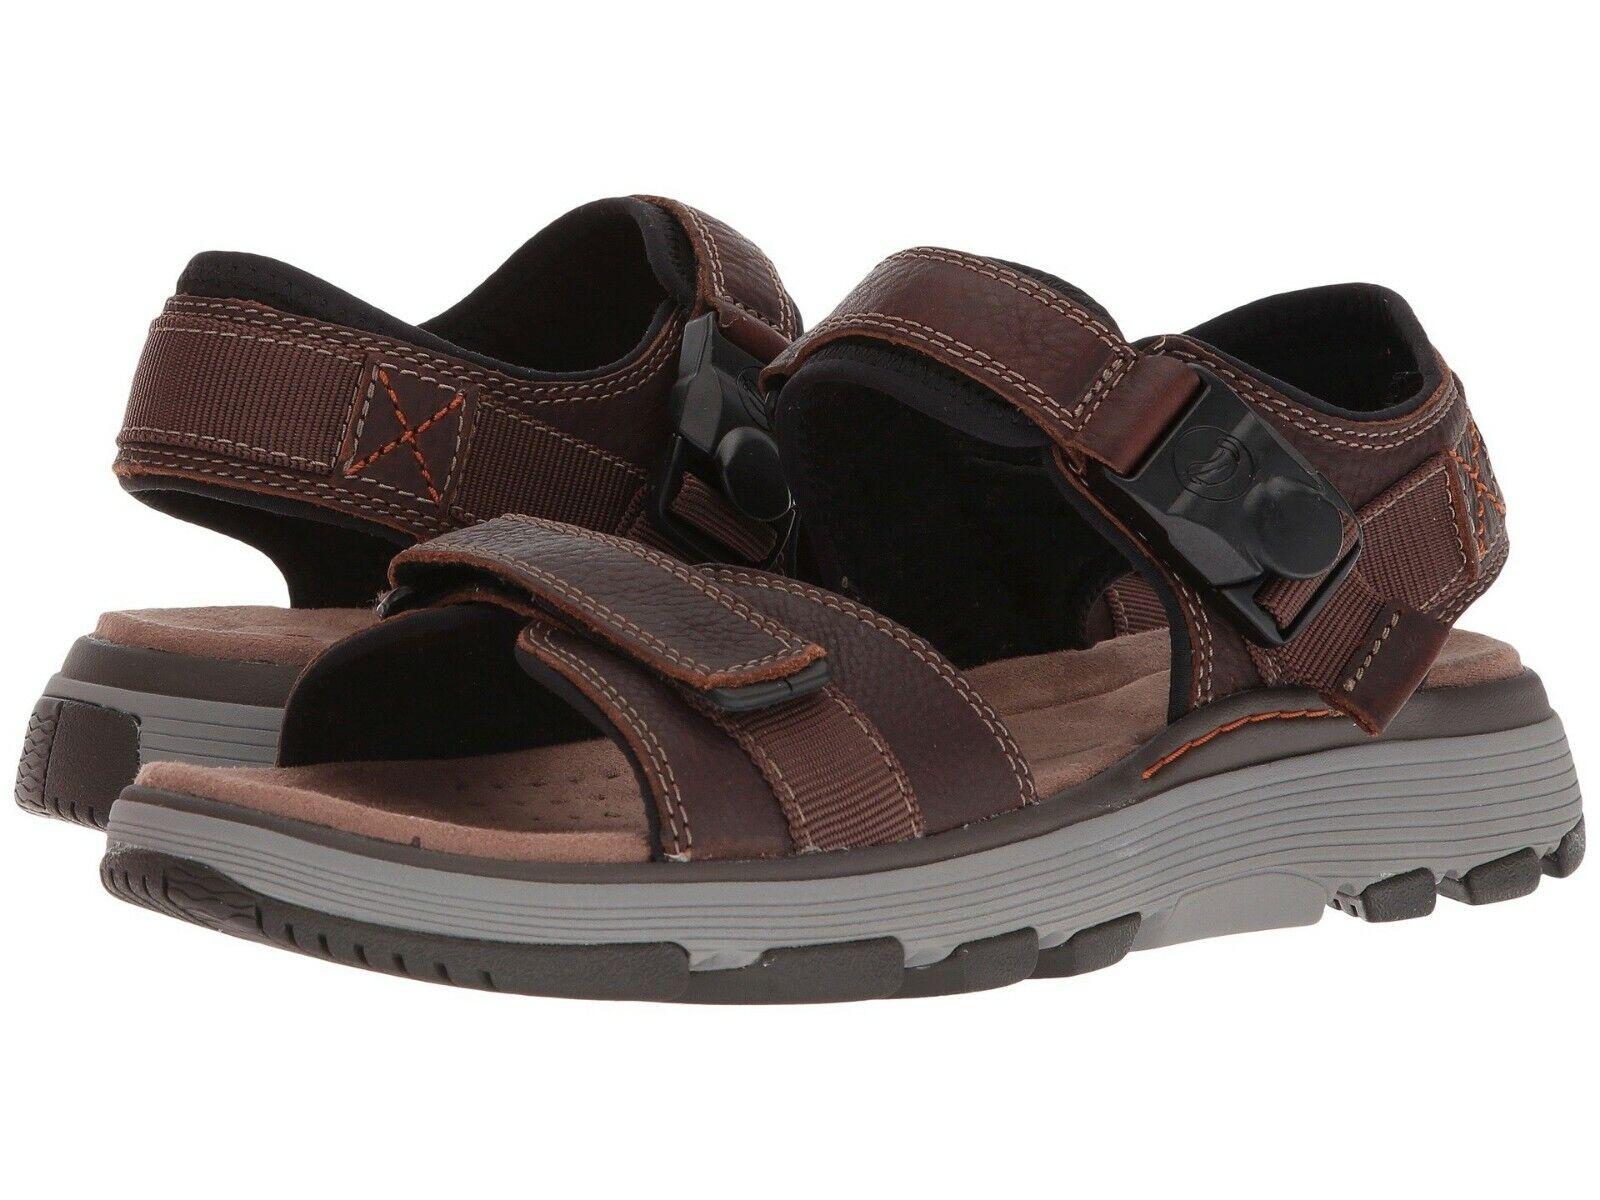 Men's Shoes Clarks UN TREK PART Casual Leather Strap Sandals 31860 DARK BROWN